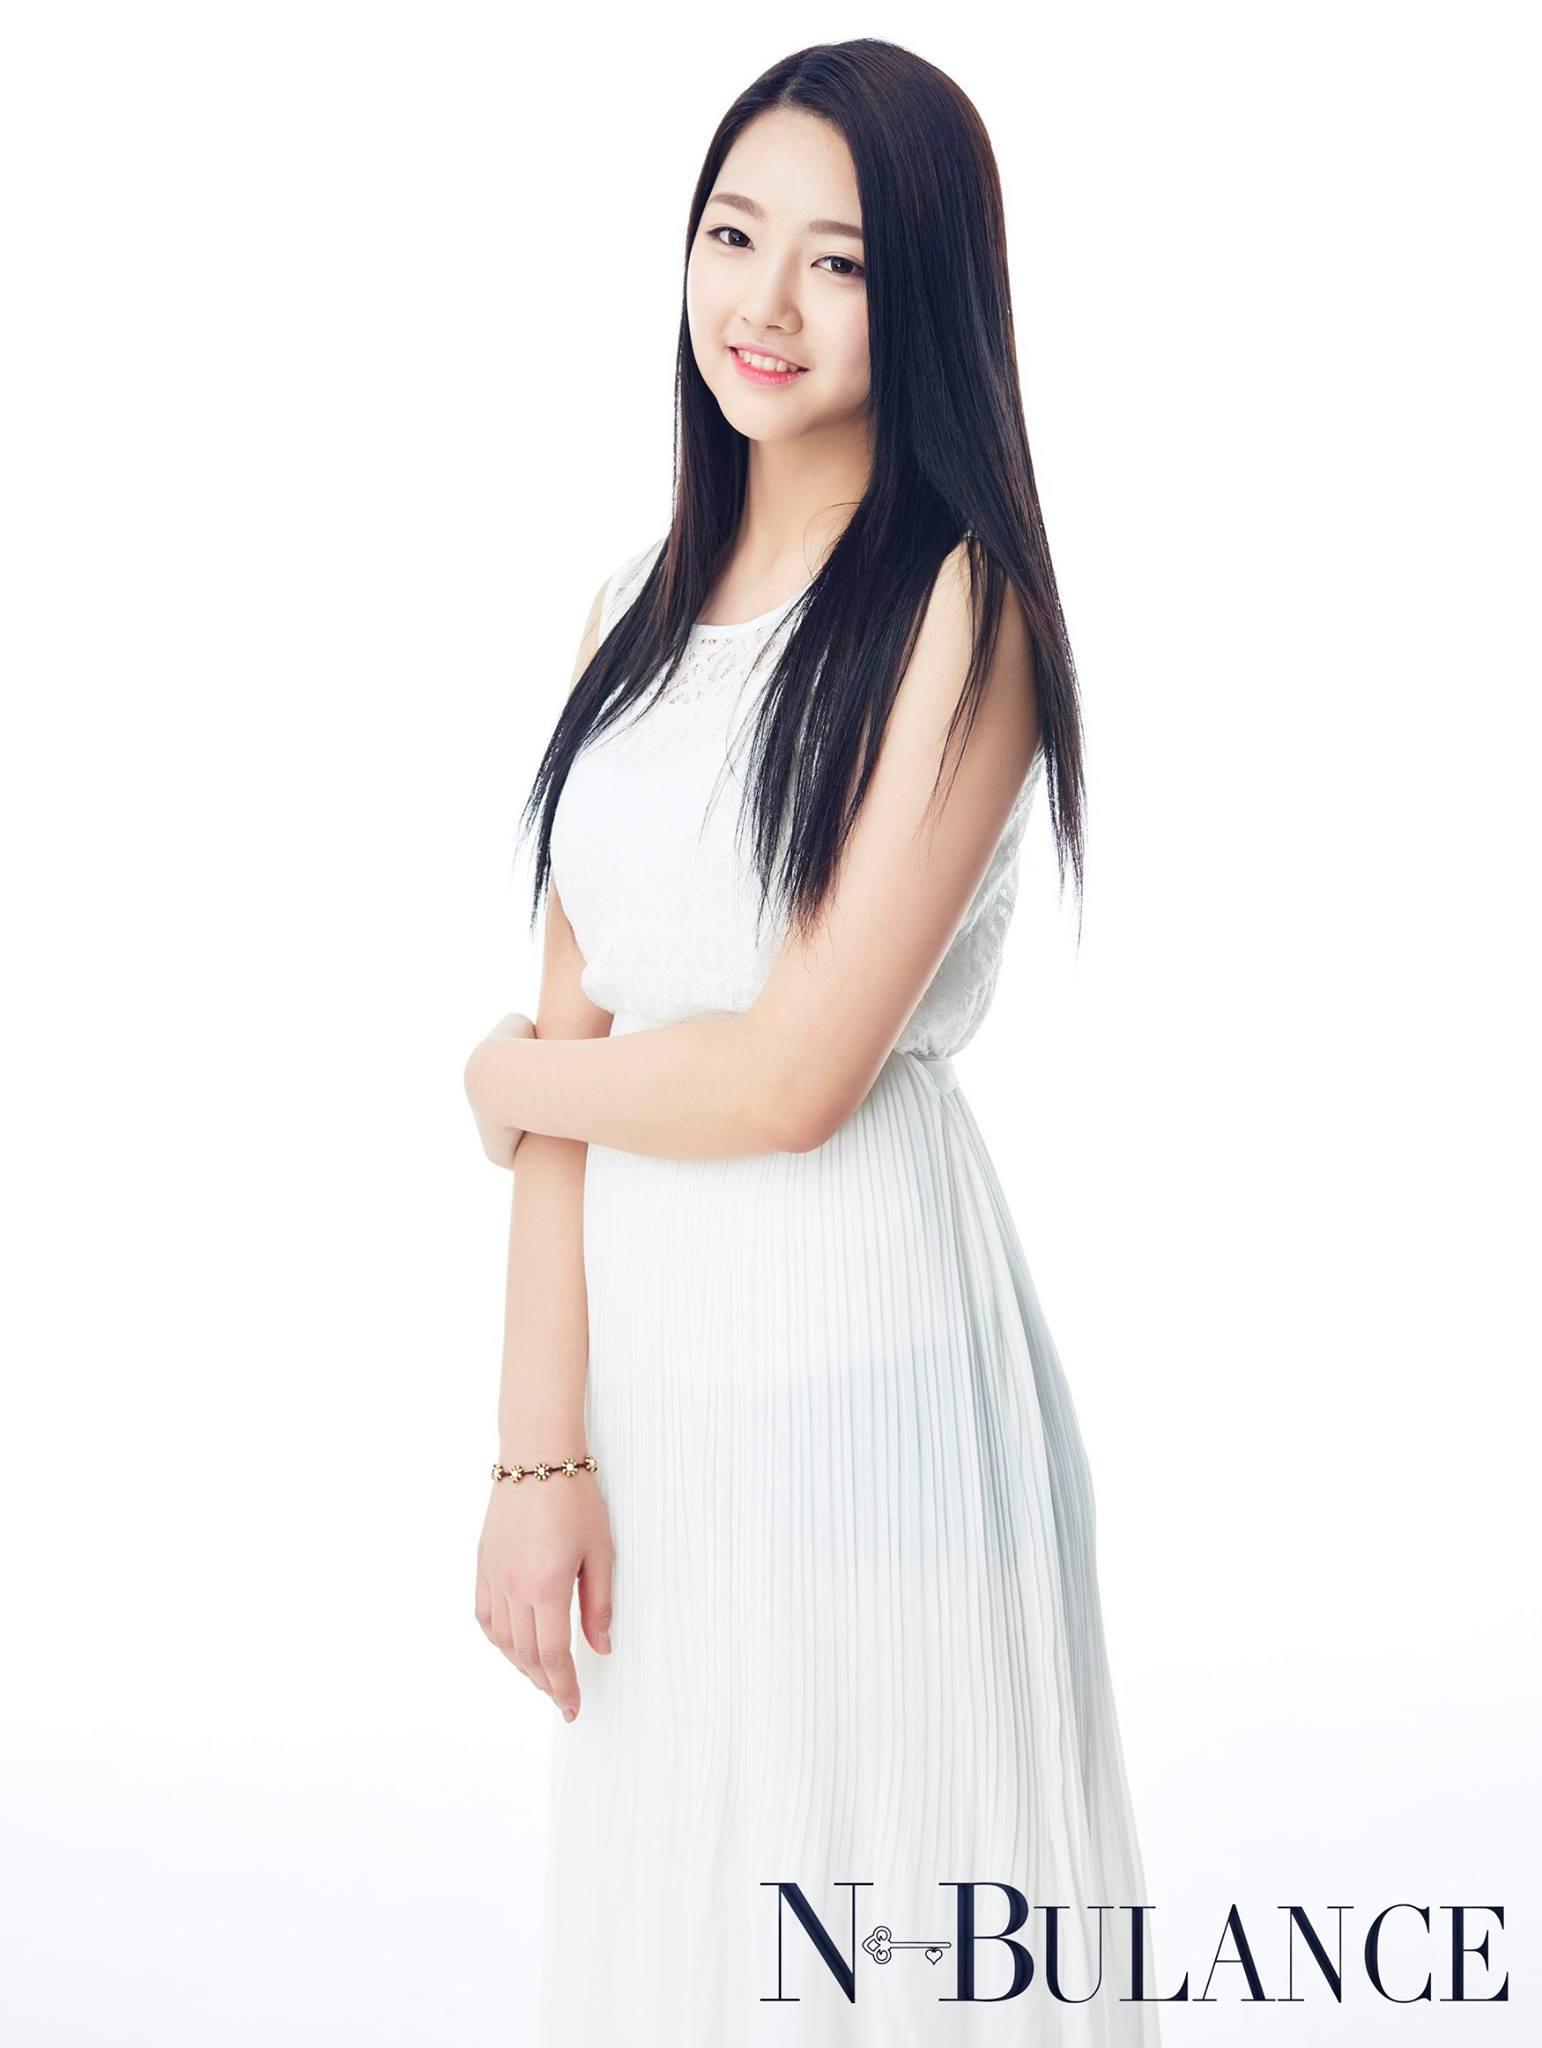 N-Bulance Hyejin